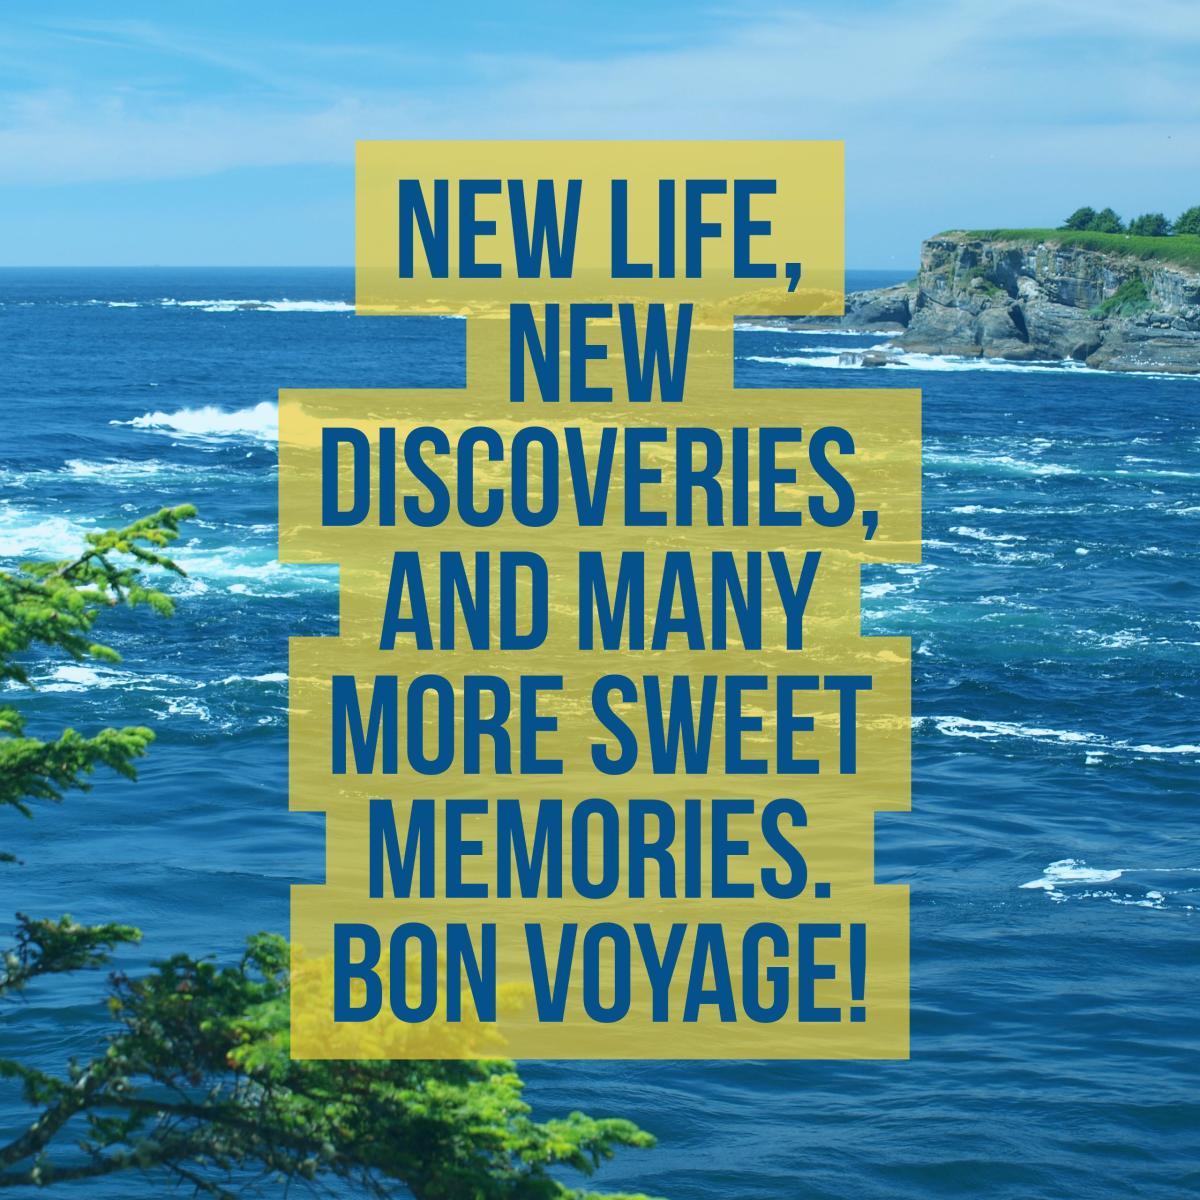 100 Bon Voyage or Have a Safe Trip Messages (Plus Quotes ...